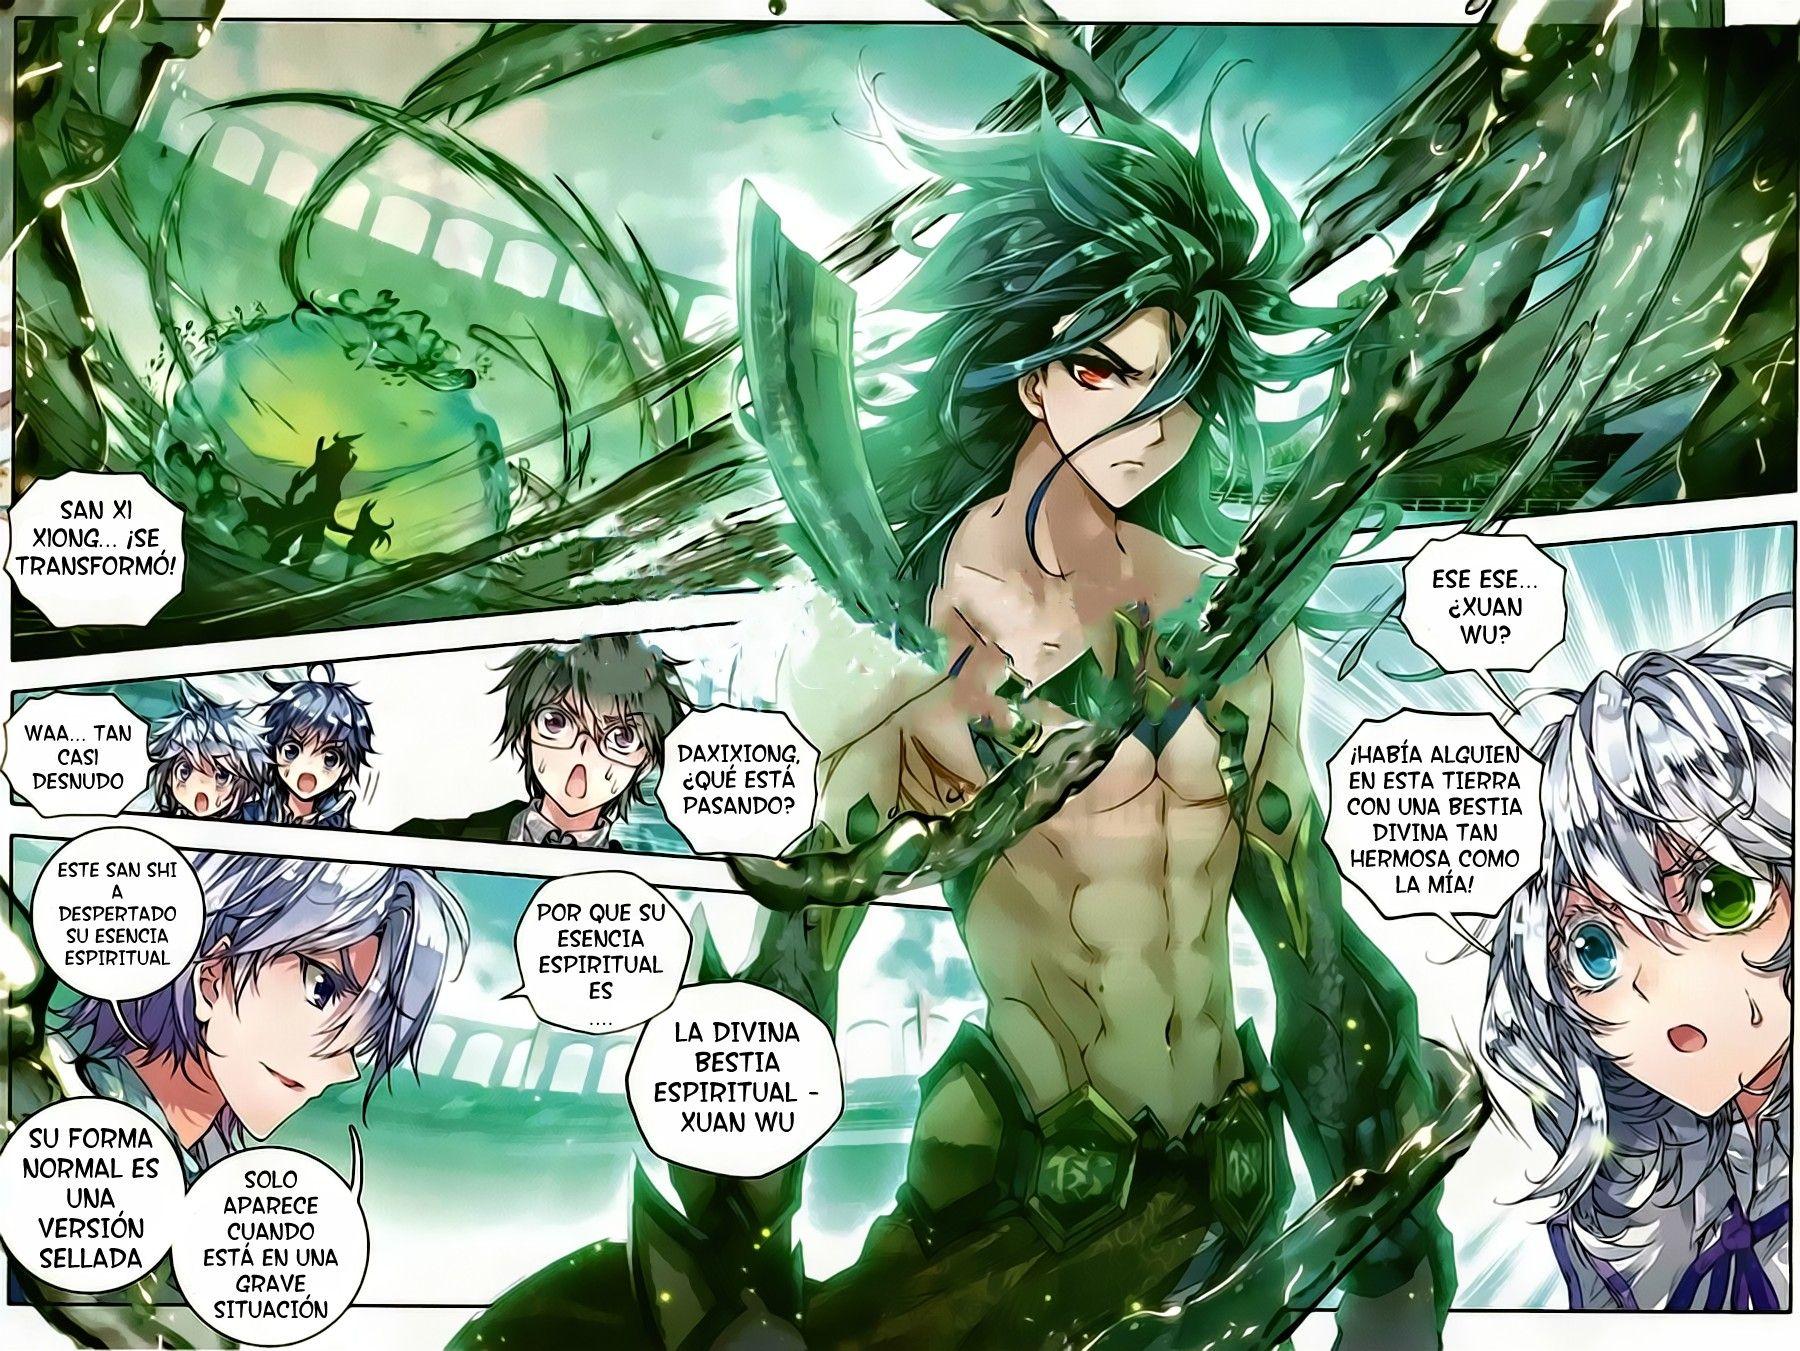 http://c5.ninemanga.com/es_manga/33/16417/463626/b9921ac6022cc0c040f76aea5a6ff38f.jpg Page 2